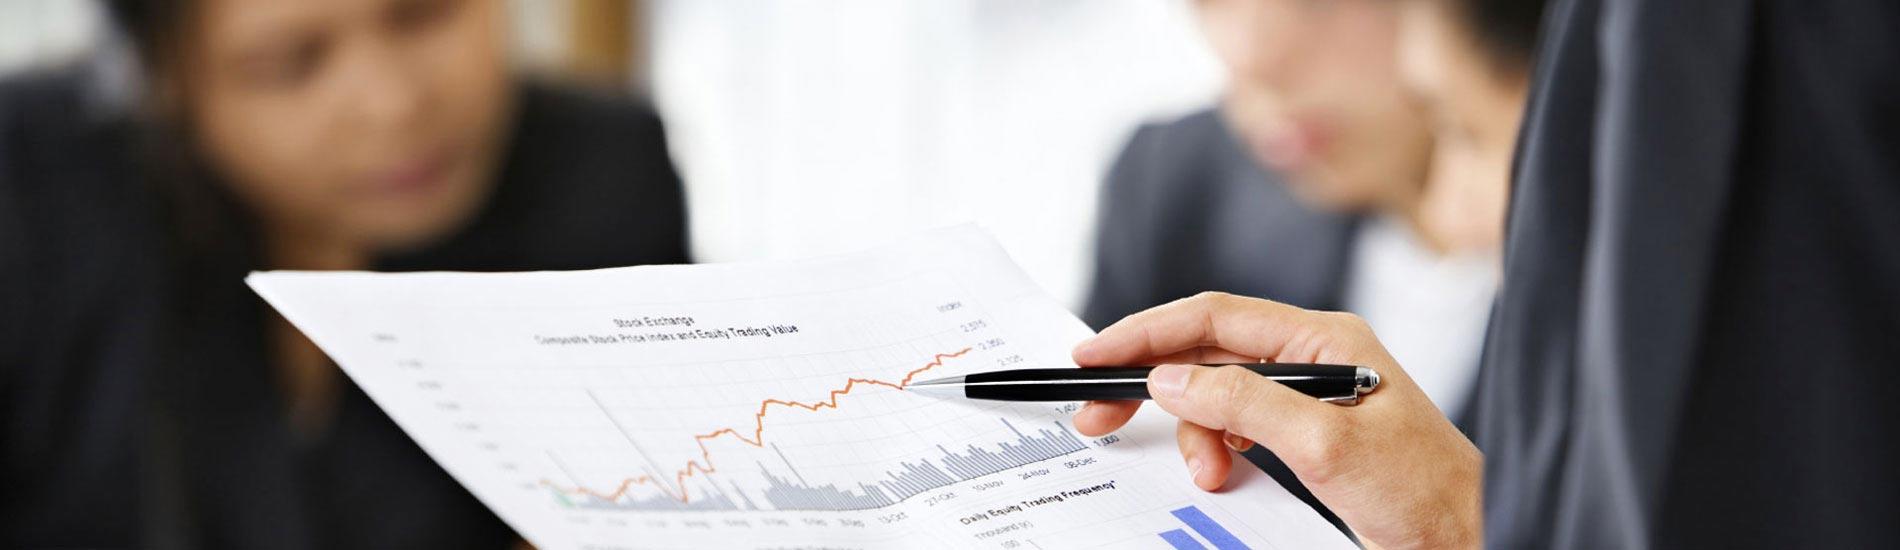 Ordine Dottori Commercialisti in Friuli Venezia Giulia: Trieste, Gorizia, Pordenone e Udine